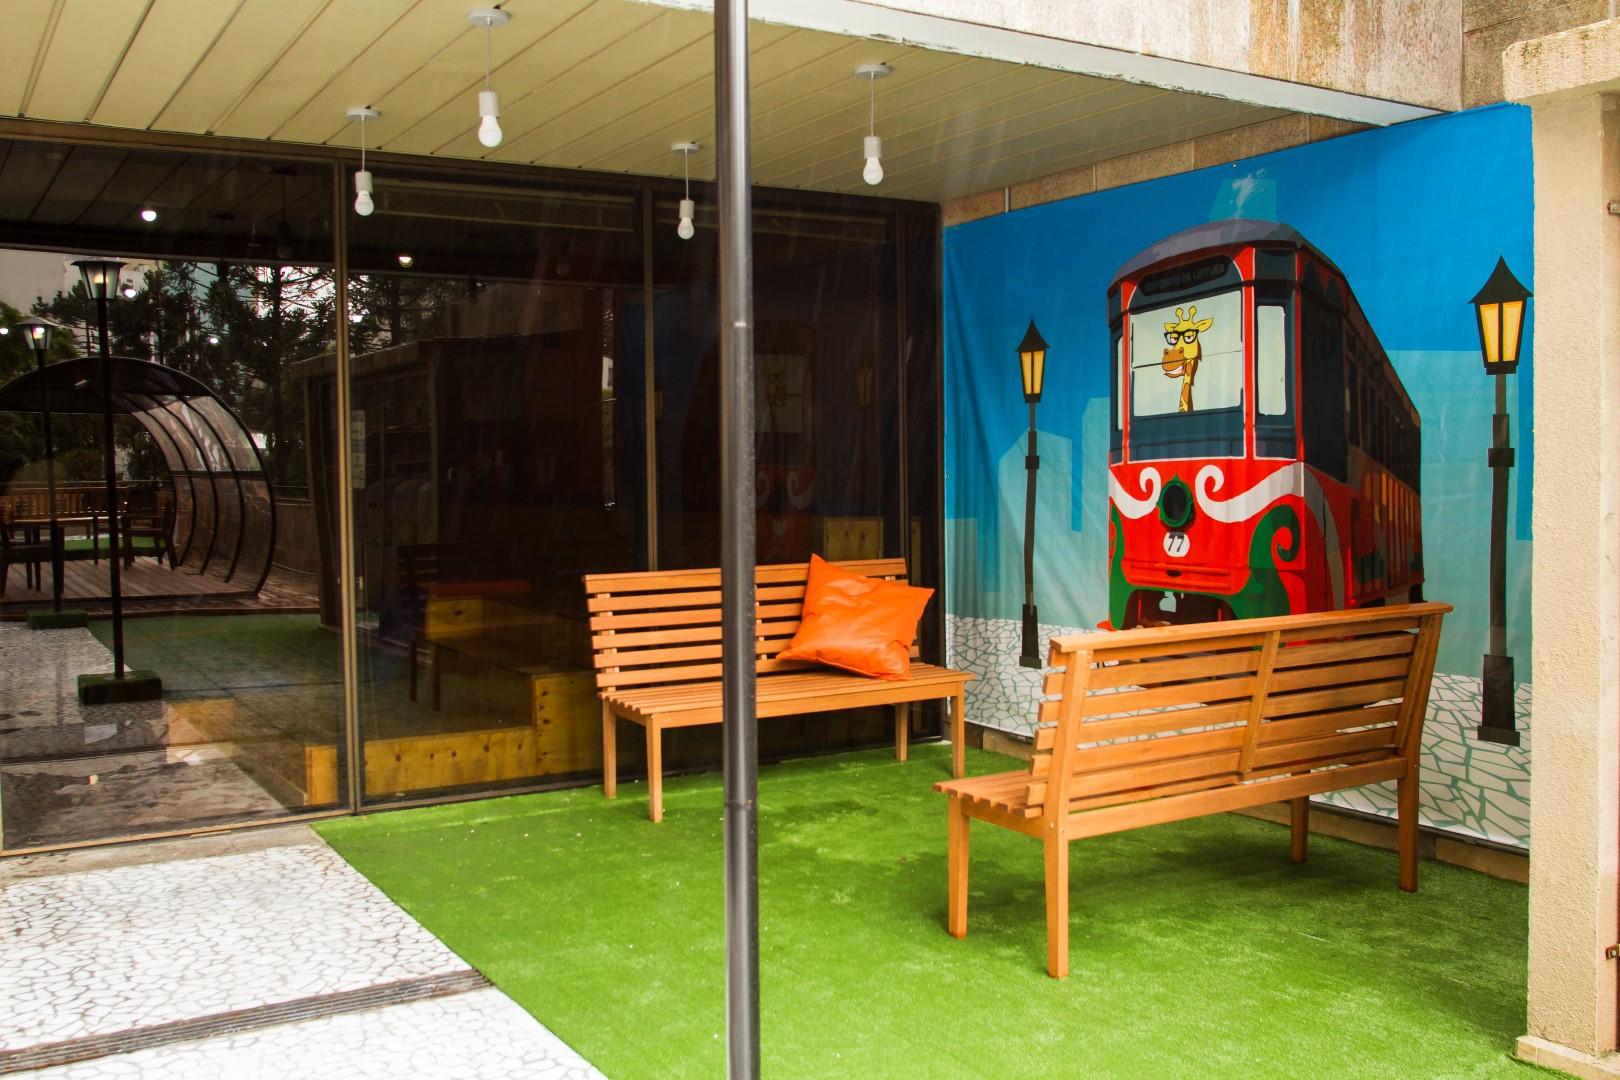 O bondinho, os bancos e o petit-pavé da Rua XV de Novembro foram contemplados no projeto. Foto: Ana Gabriella Amorim / Gazeta do Povo